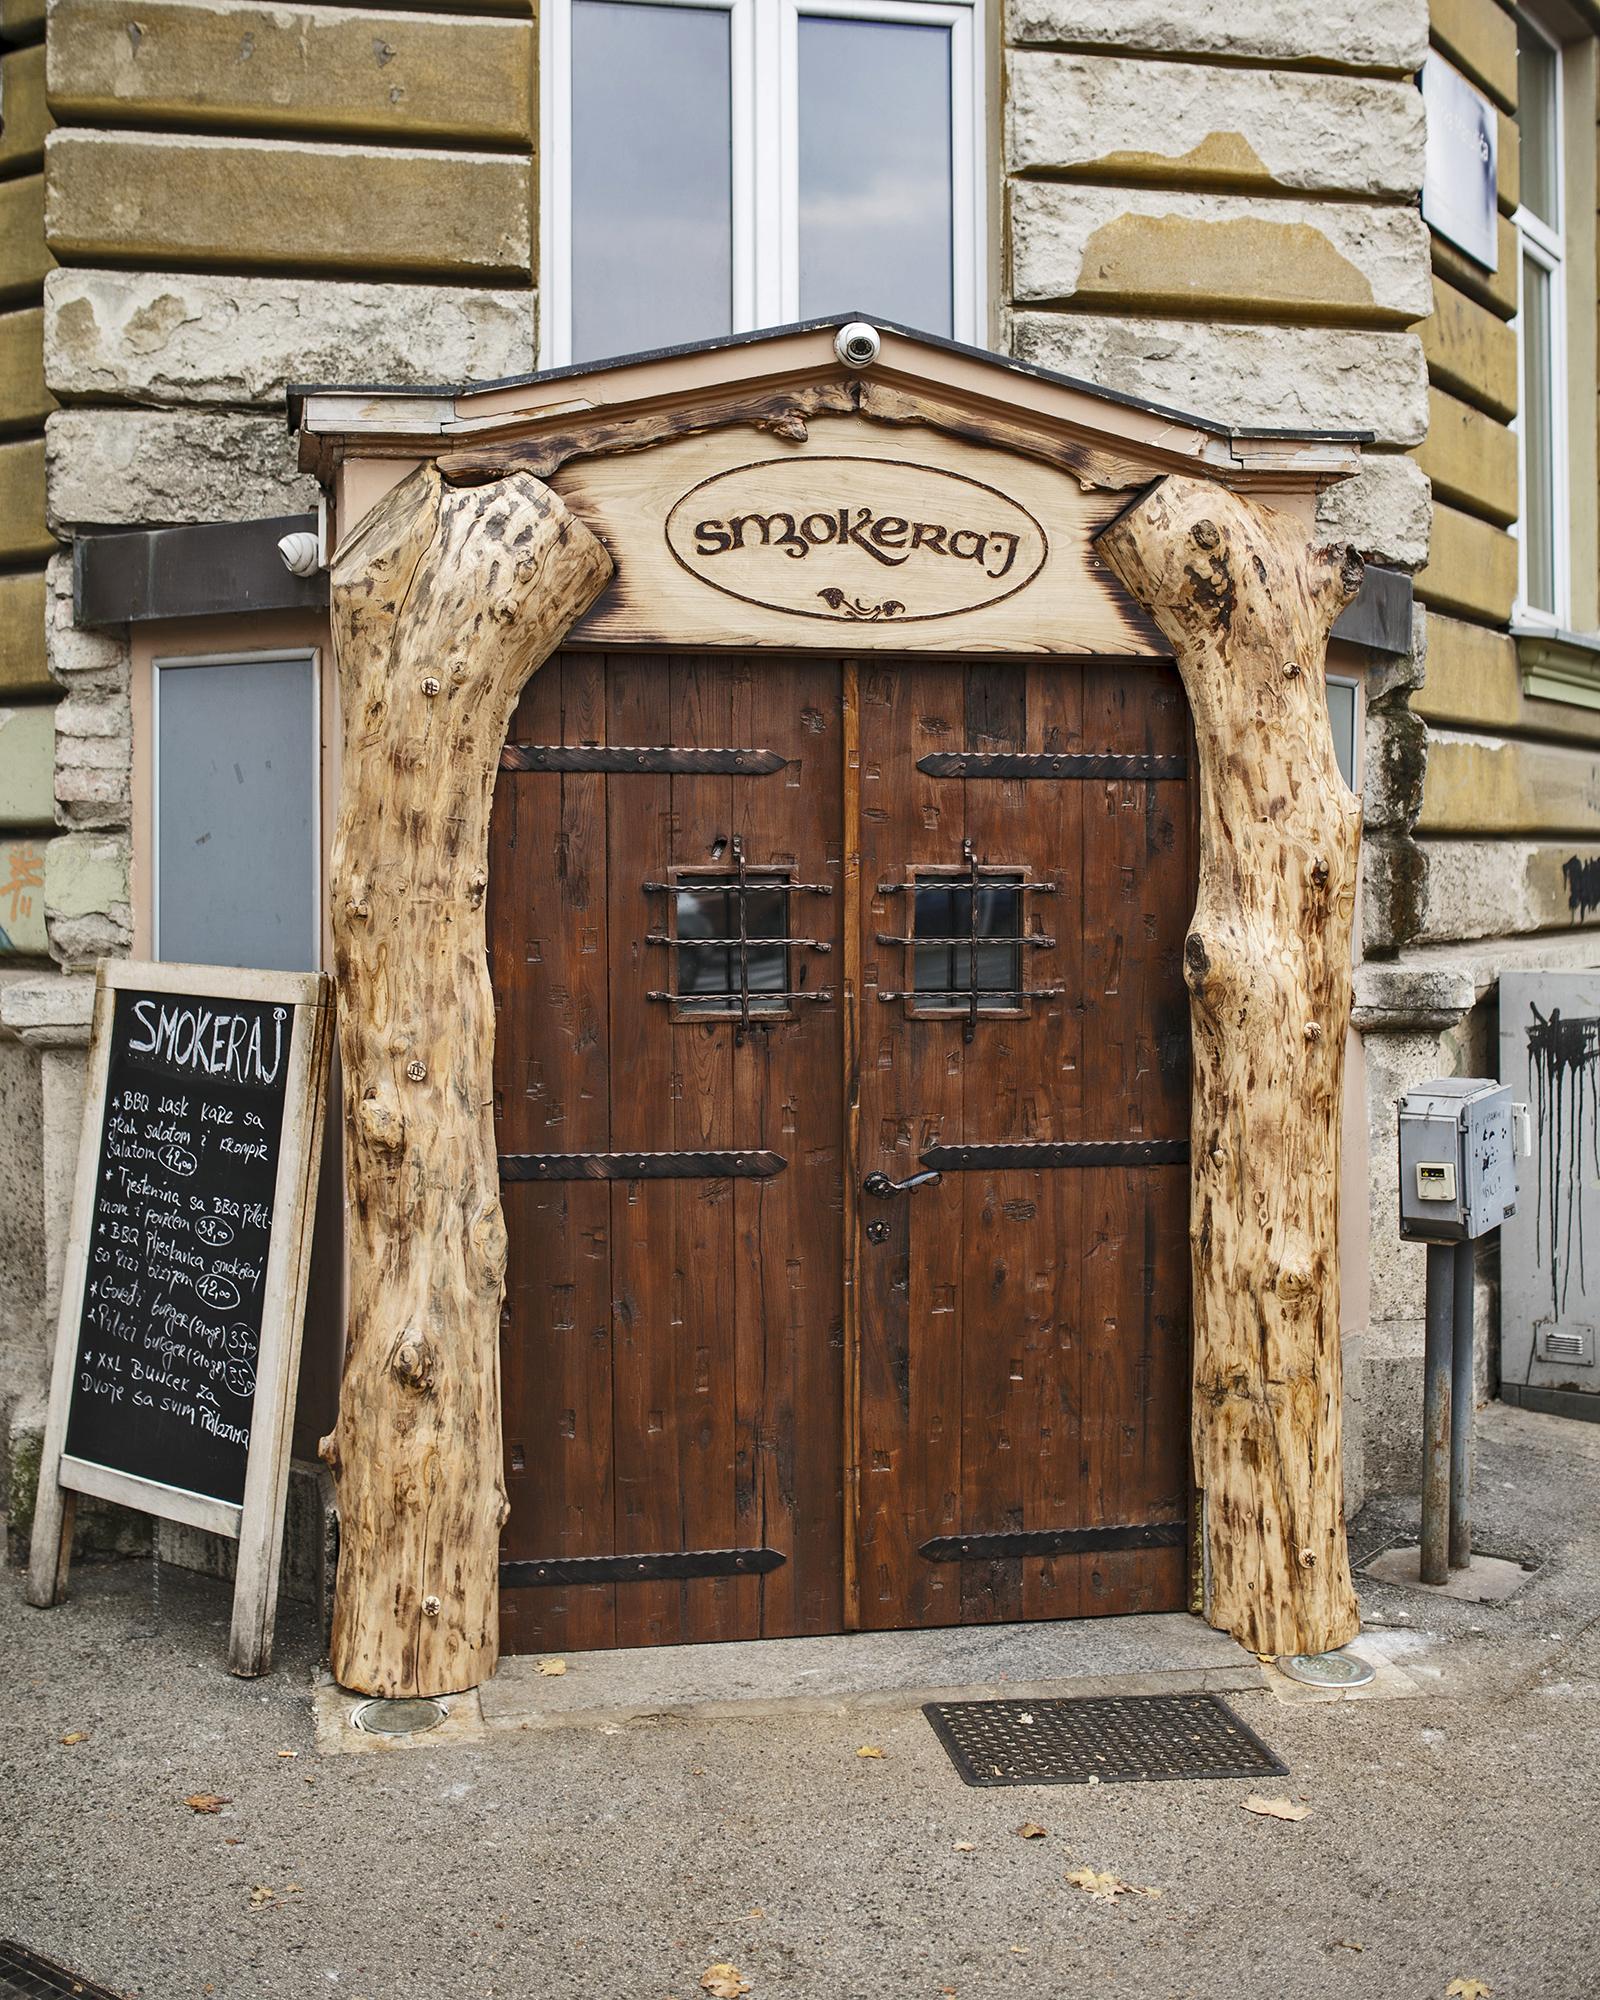 mjesto za pronalazak graha i bagela